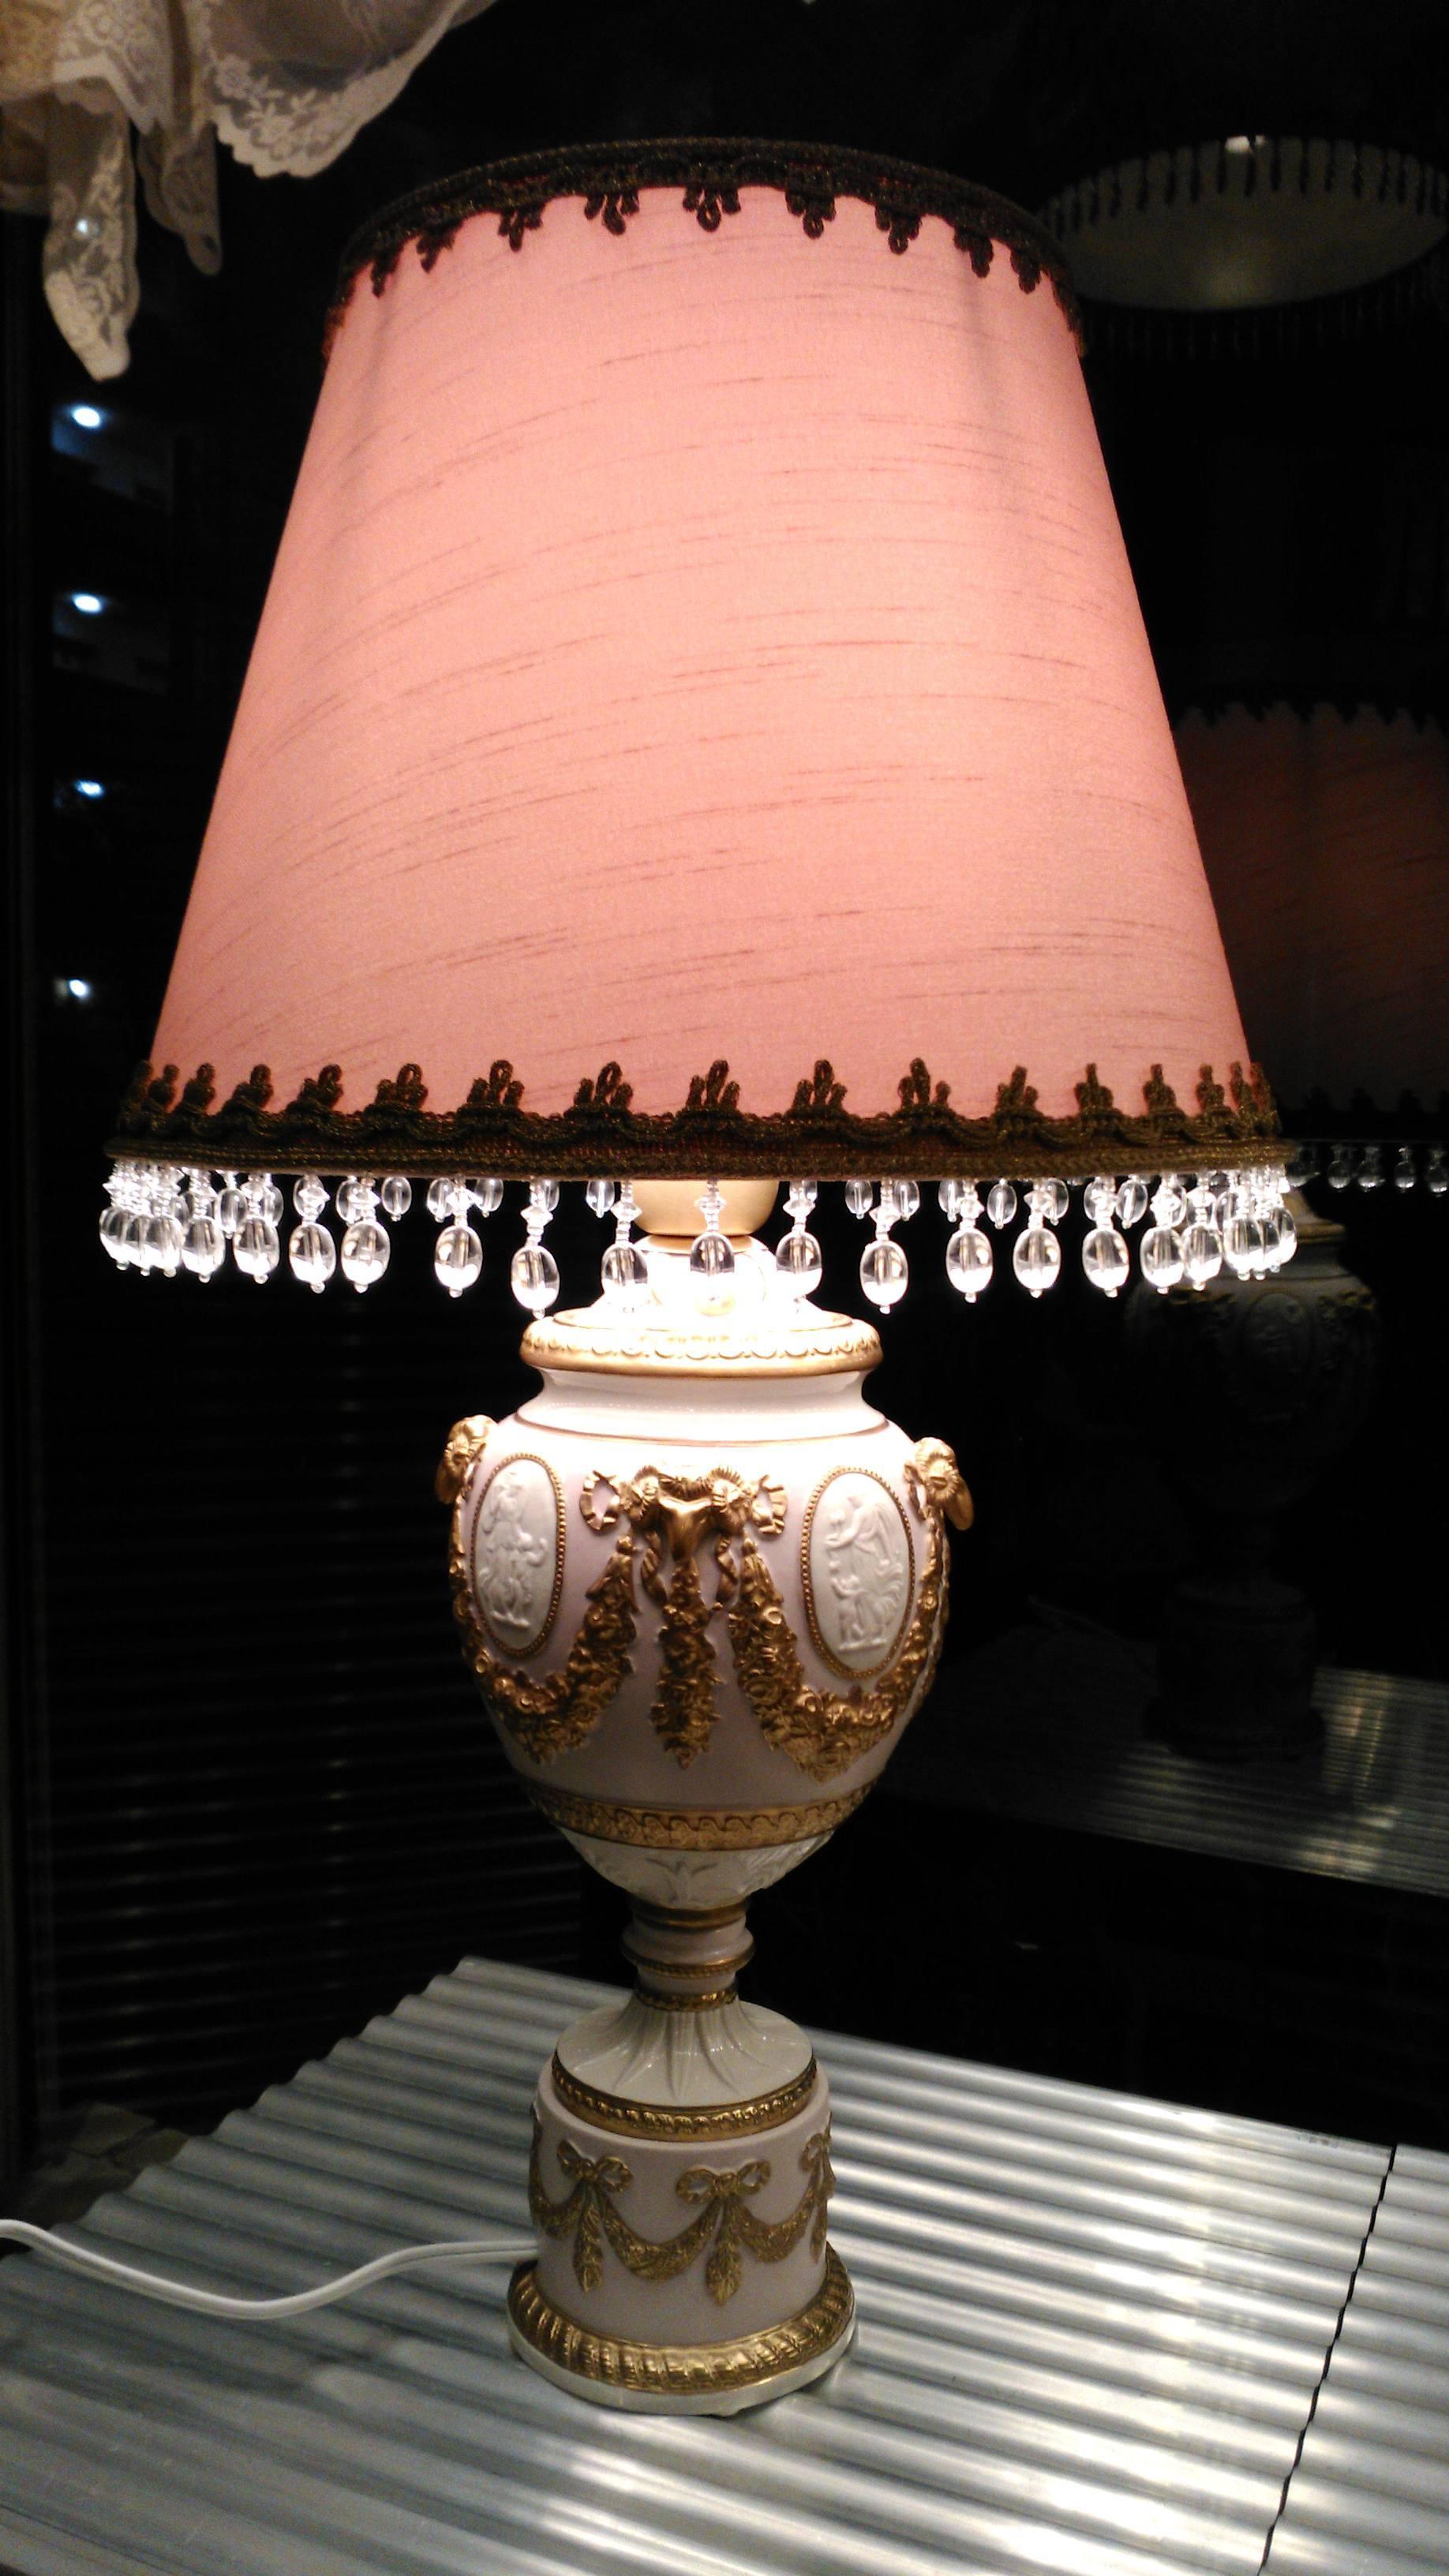 ランプシェード製作 ウィリアムモリス正規販売店のブライト_c0157866_19241242.jpg